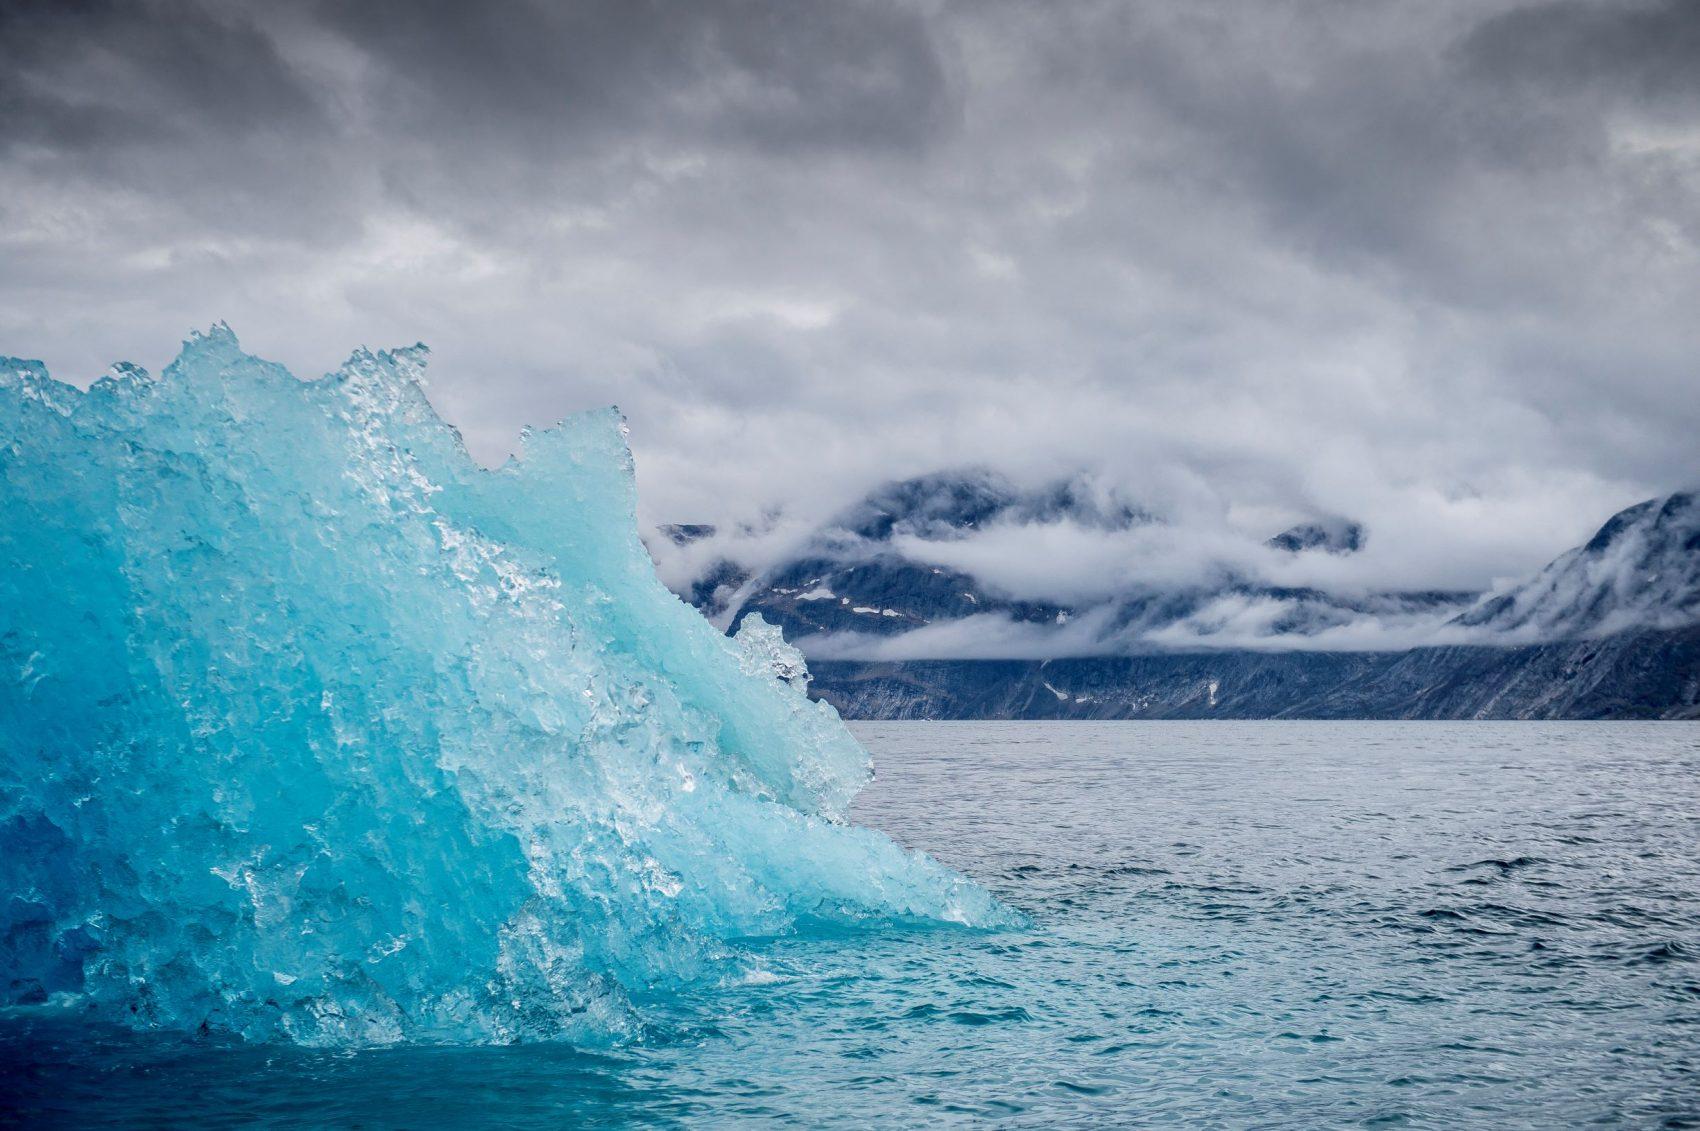 Bloco de gelo derrete na Groenlândia durante verão no Hemisfério: relatório aponta década como a mais quente já registrada (Foto: Mads Claus Rasmussen/Ritzau Scanpix/AFP)